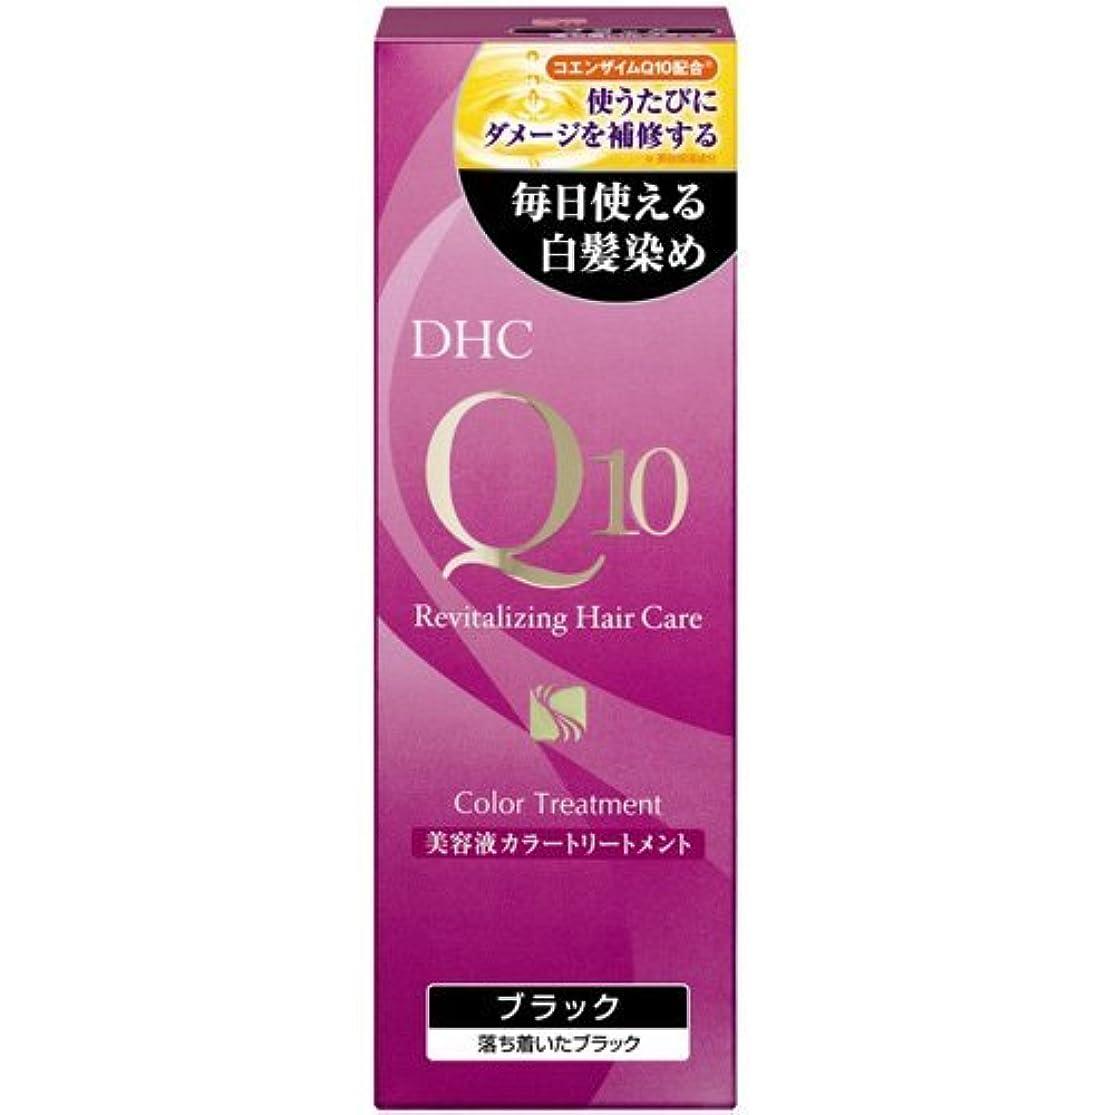 朝ごはん警告する【まとめ買い】DHC Q10美溶液カラートリートメントブラックSS170g ×7個